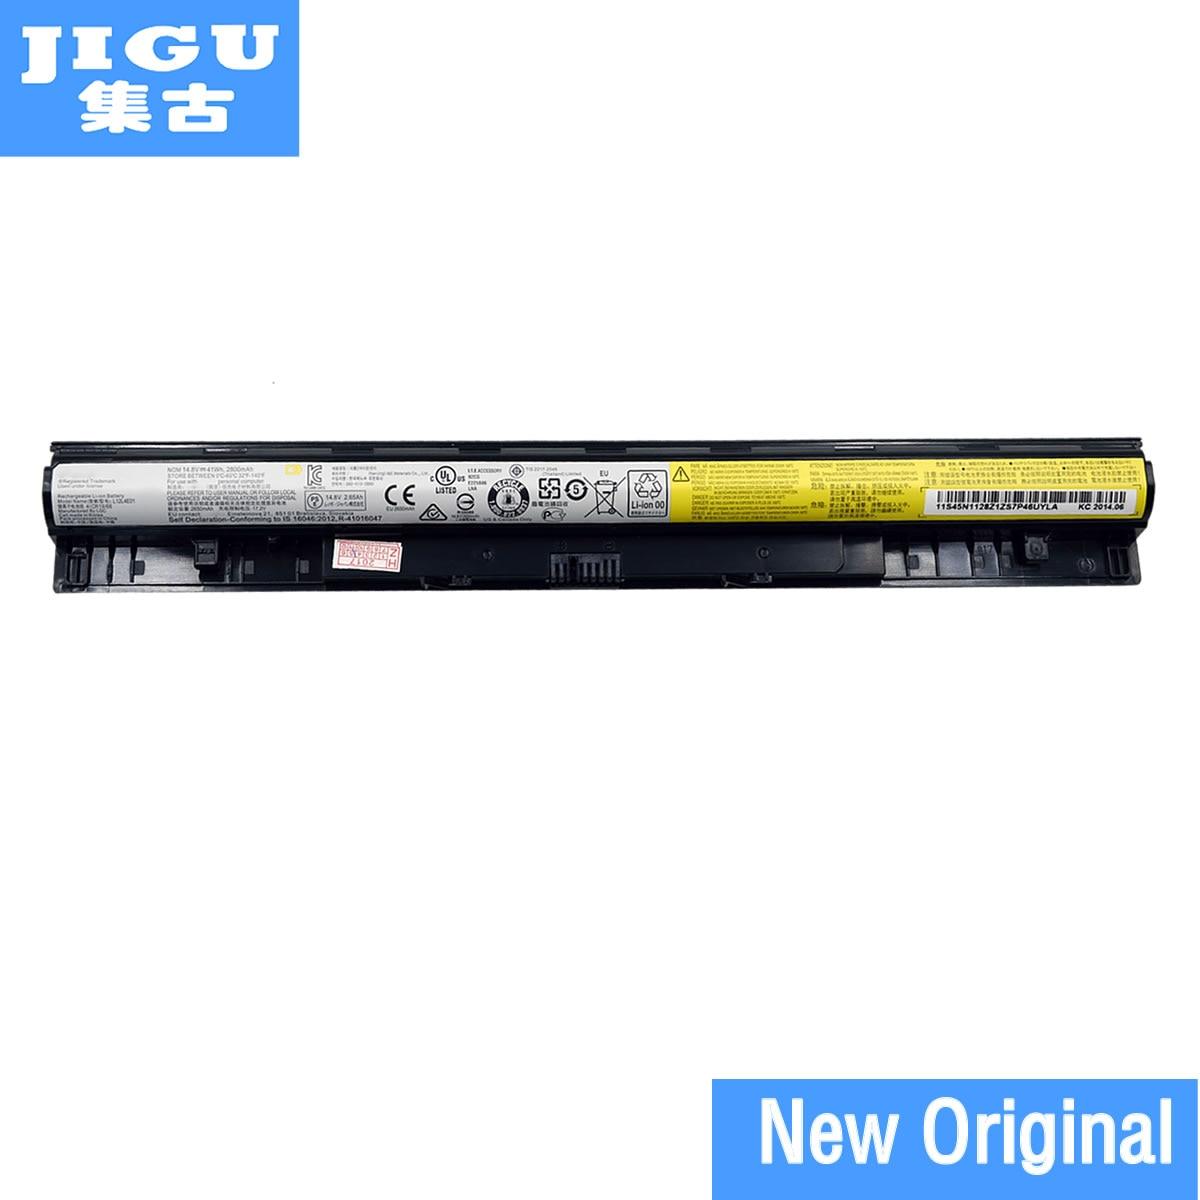 L12L4E01 JIGU Original Bateria Do Portátil Para LENOVO G400S G405S G410S G500S G505S G510S S410P S510P Z710 L12S4A02 L12M4E01 L12S4E01